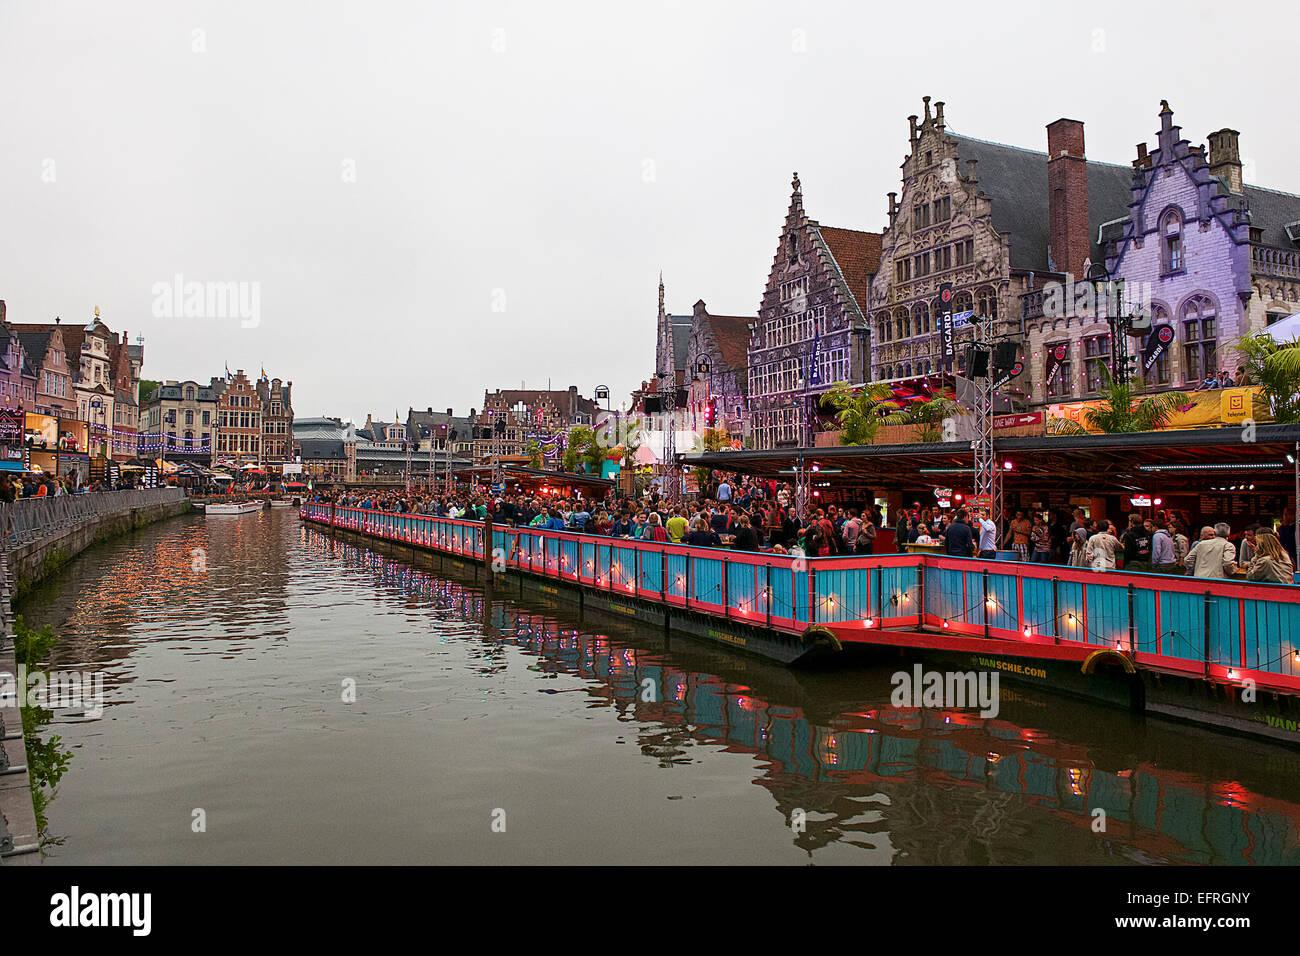 Festival de Música de Gante, Gante, Bélgica Imagen De Stock